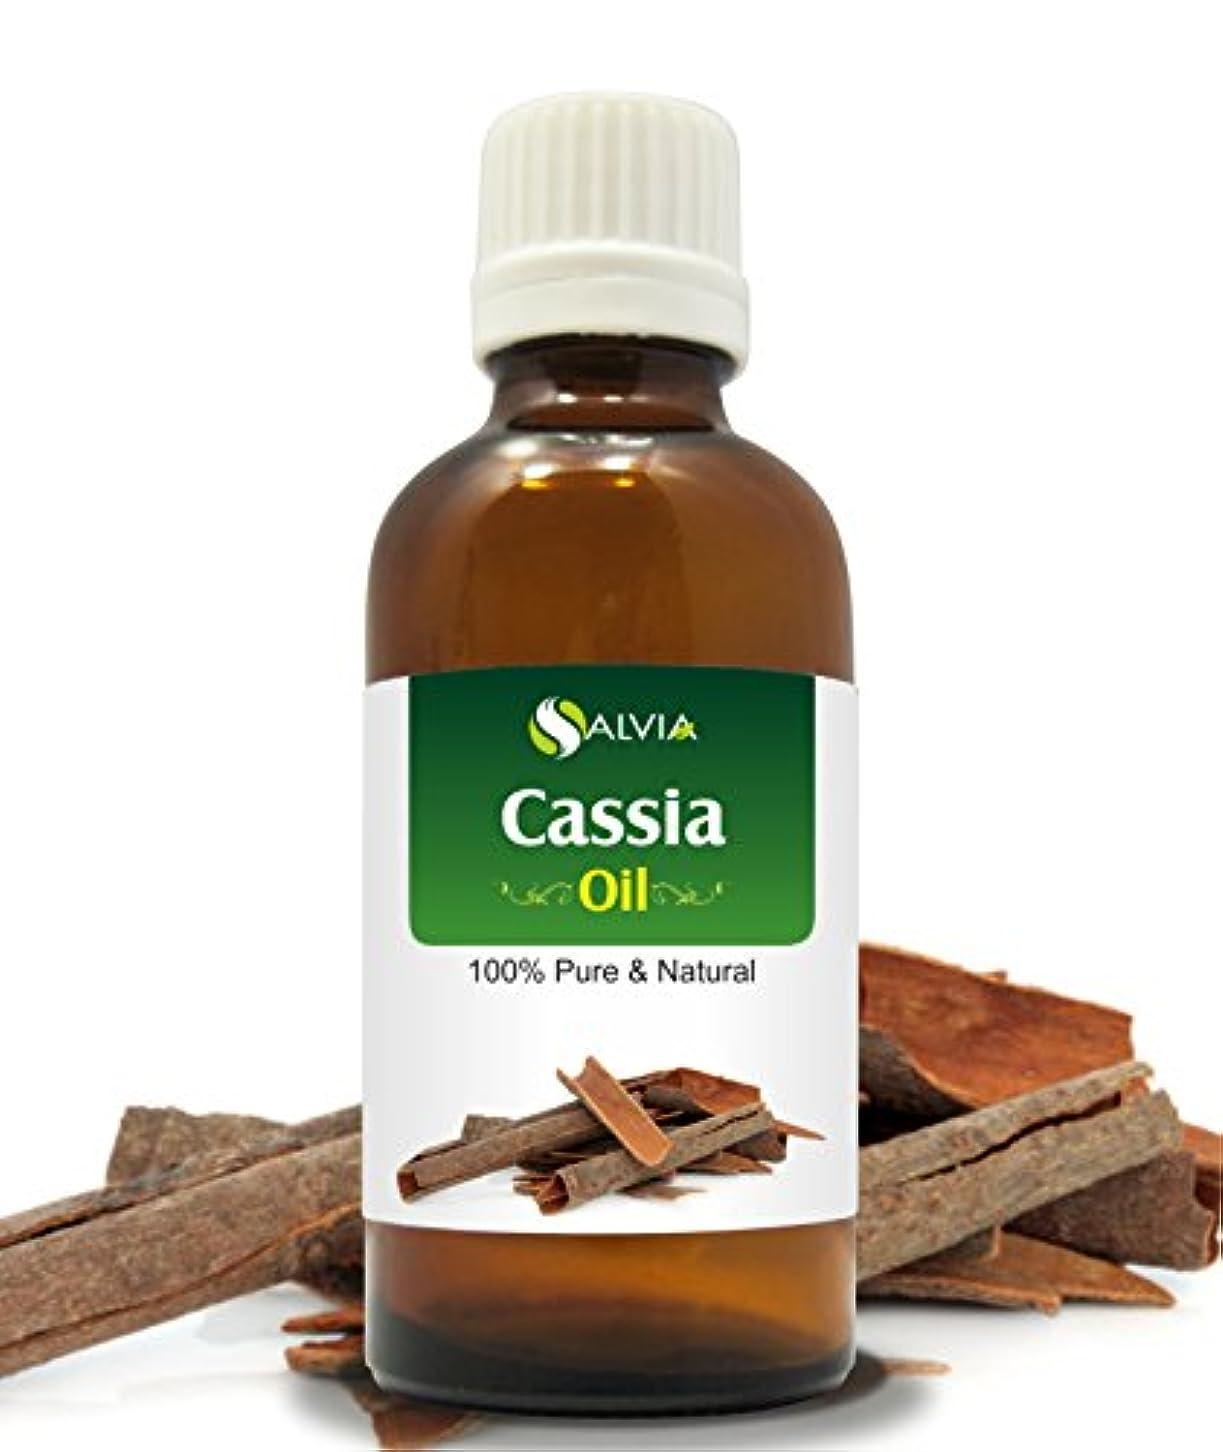 レパートリーハンドブック気味の悪いCASSIA OIL 100% NATURAL PURE UNDILUTED UNCUT ESSENTIAL OIL 15ML